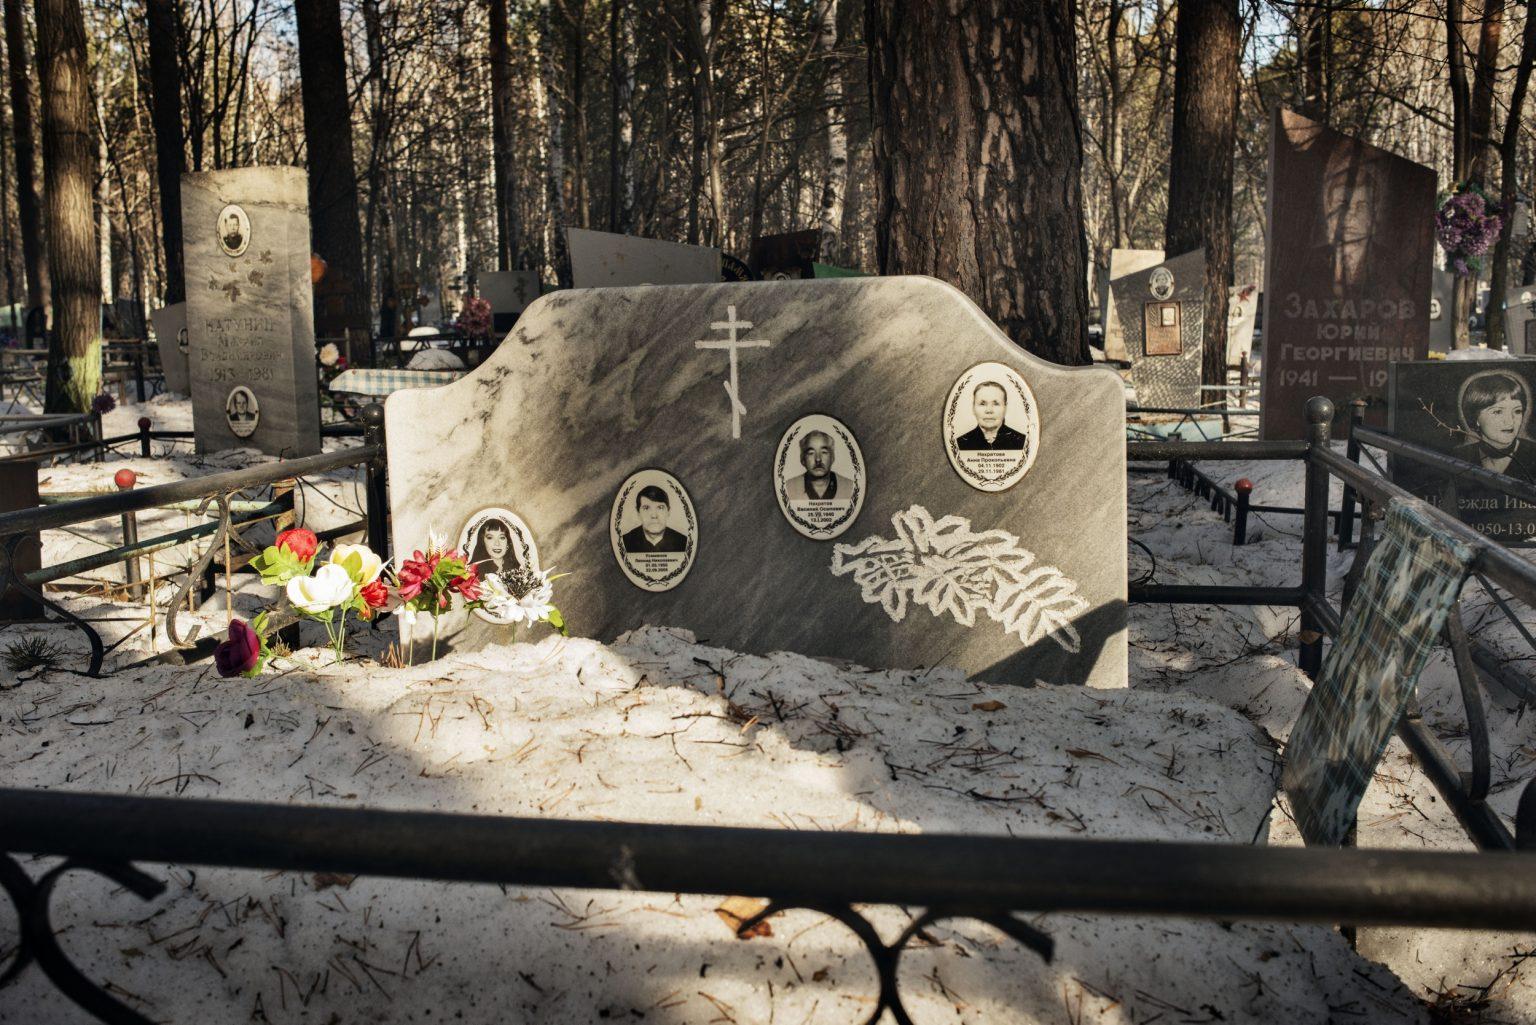 Yekaterinburg, Russia, March 2016 - Olya is buried in a cemetery in Uralmash district next to her relatives. She died in 2015 due to her liver failure after a long use of Krokodil. >< Yekaterinburg, Russia, marzo 2016 - Olya è seppellita a fianco dei suoi parenti nel cimitero del quartiere di Uralmash. Olya è morta nel 2015 per problemi al fegato causati da un uso prolungato di Krokodil.